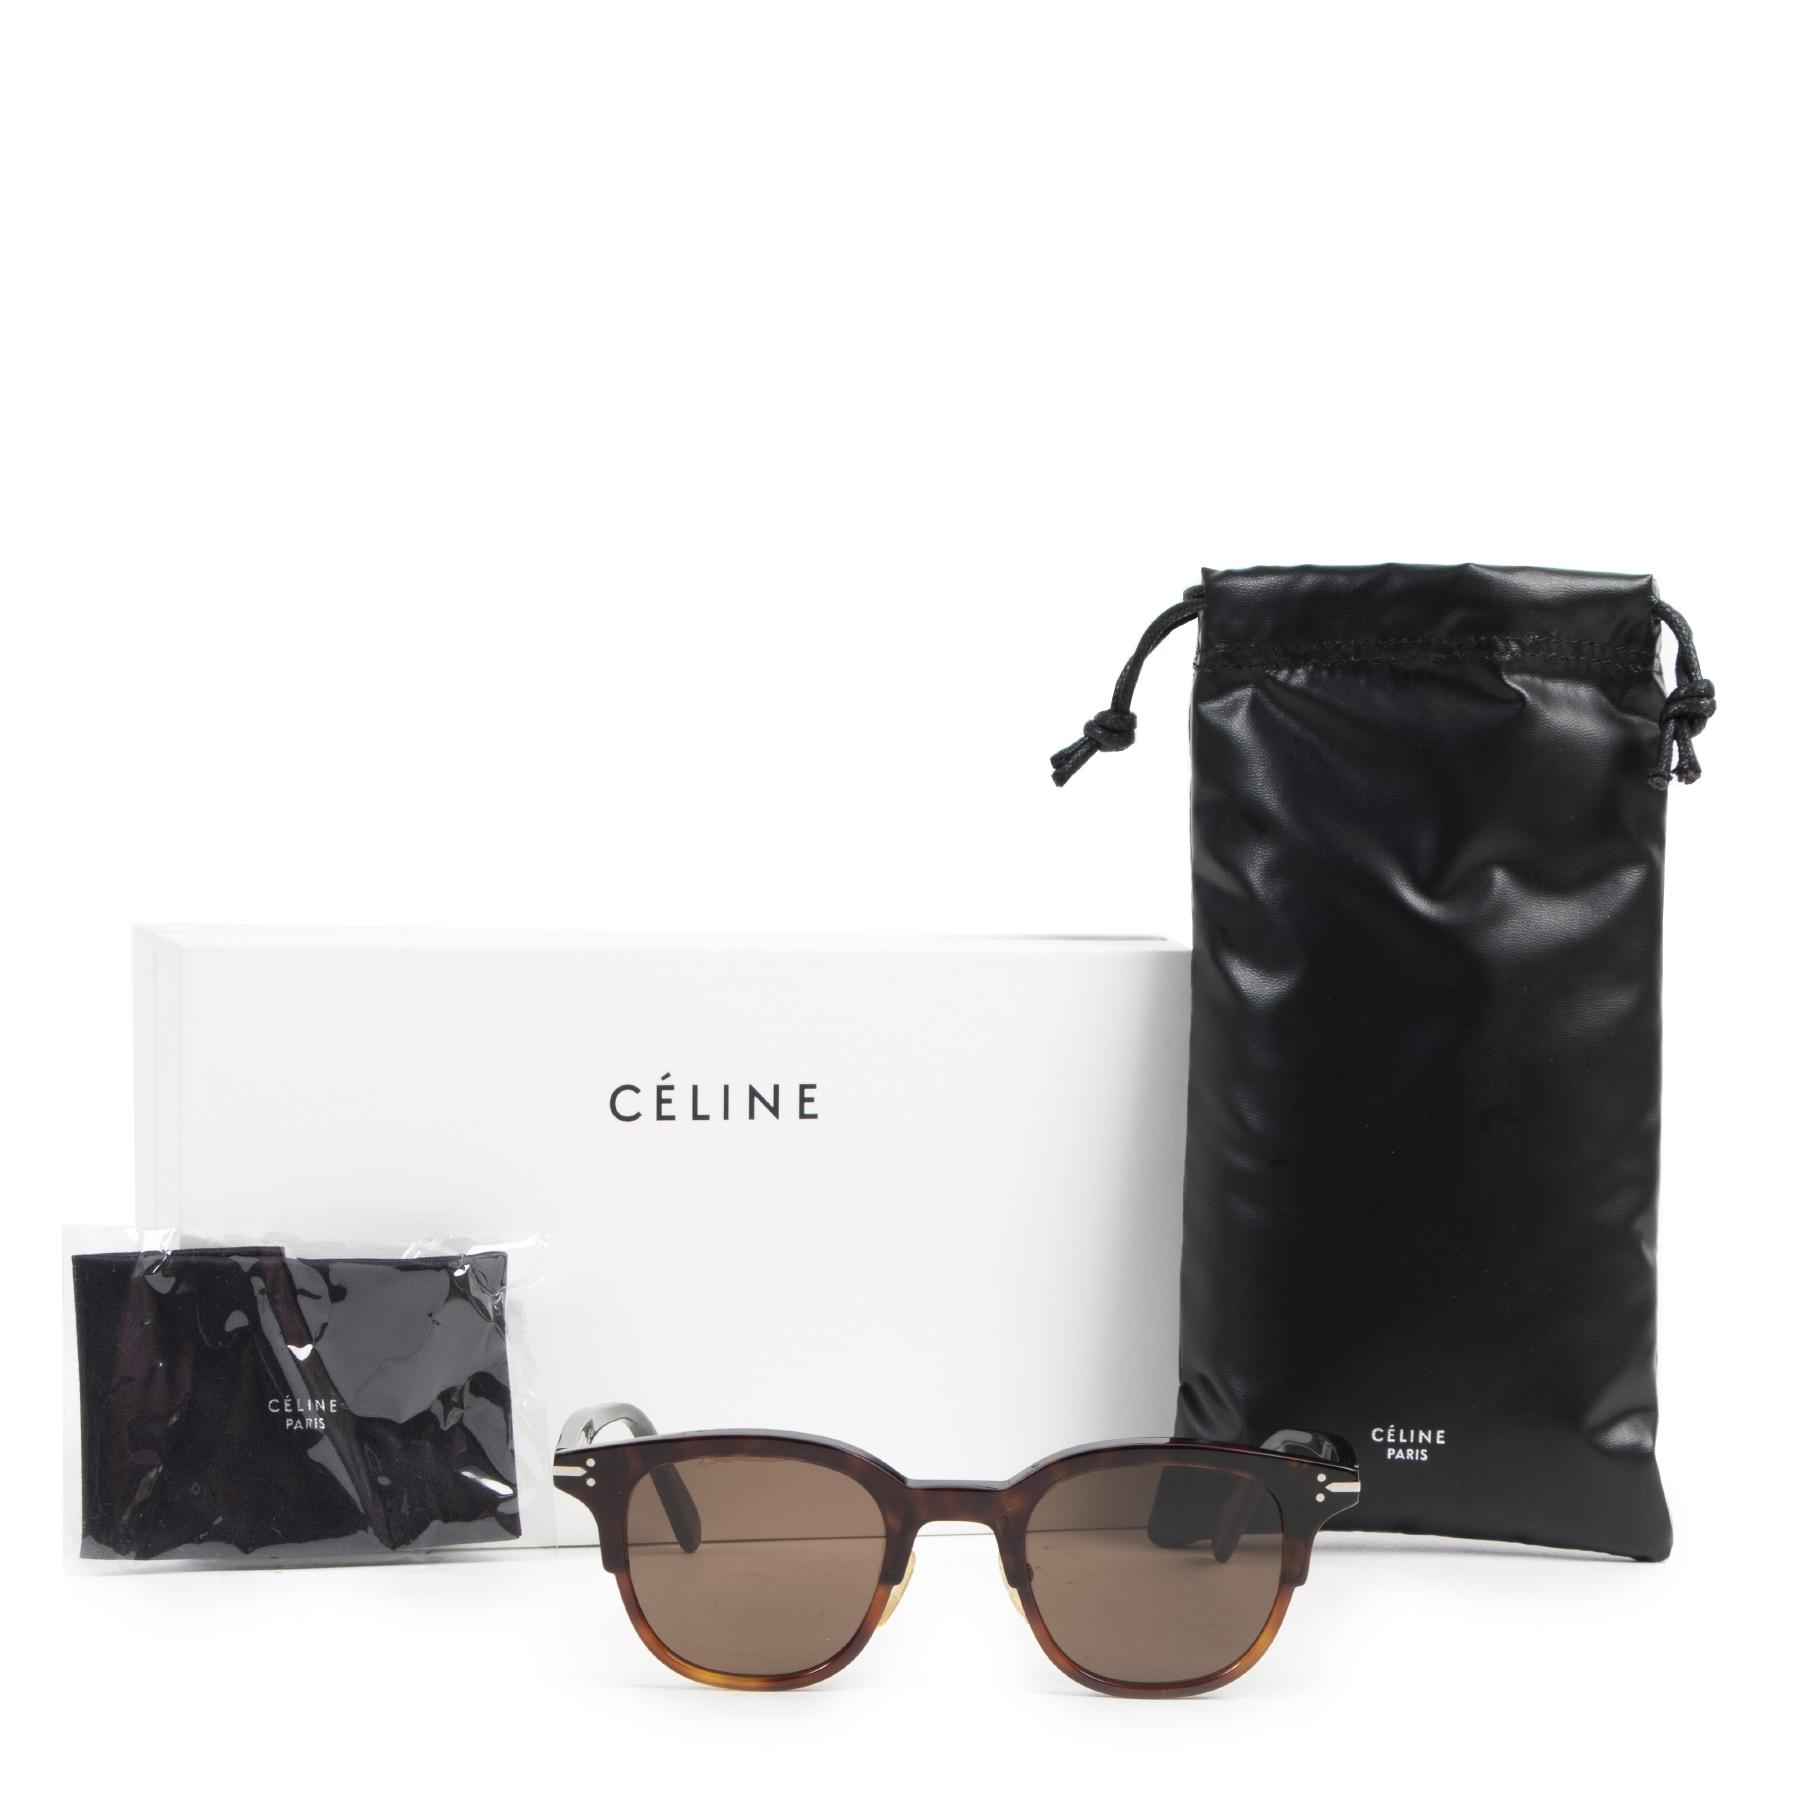 Authentic secondhand Céline Round Bicolor Black / Havanna Sunglasses designer accessories fashion luxury vintage webshop safe secure online shopping